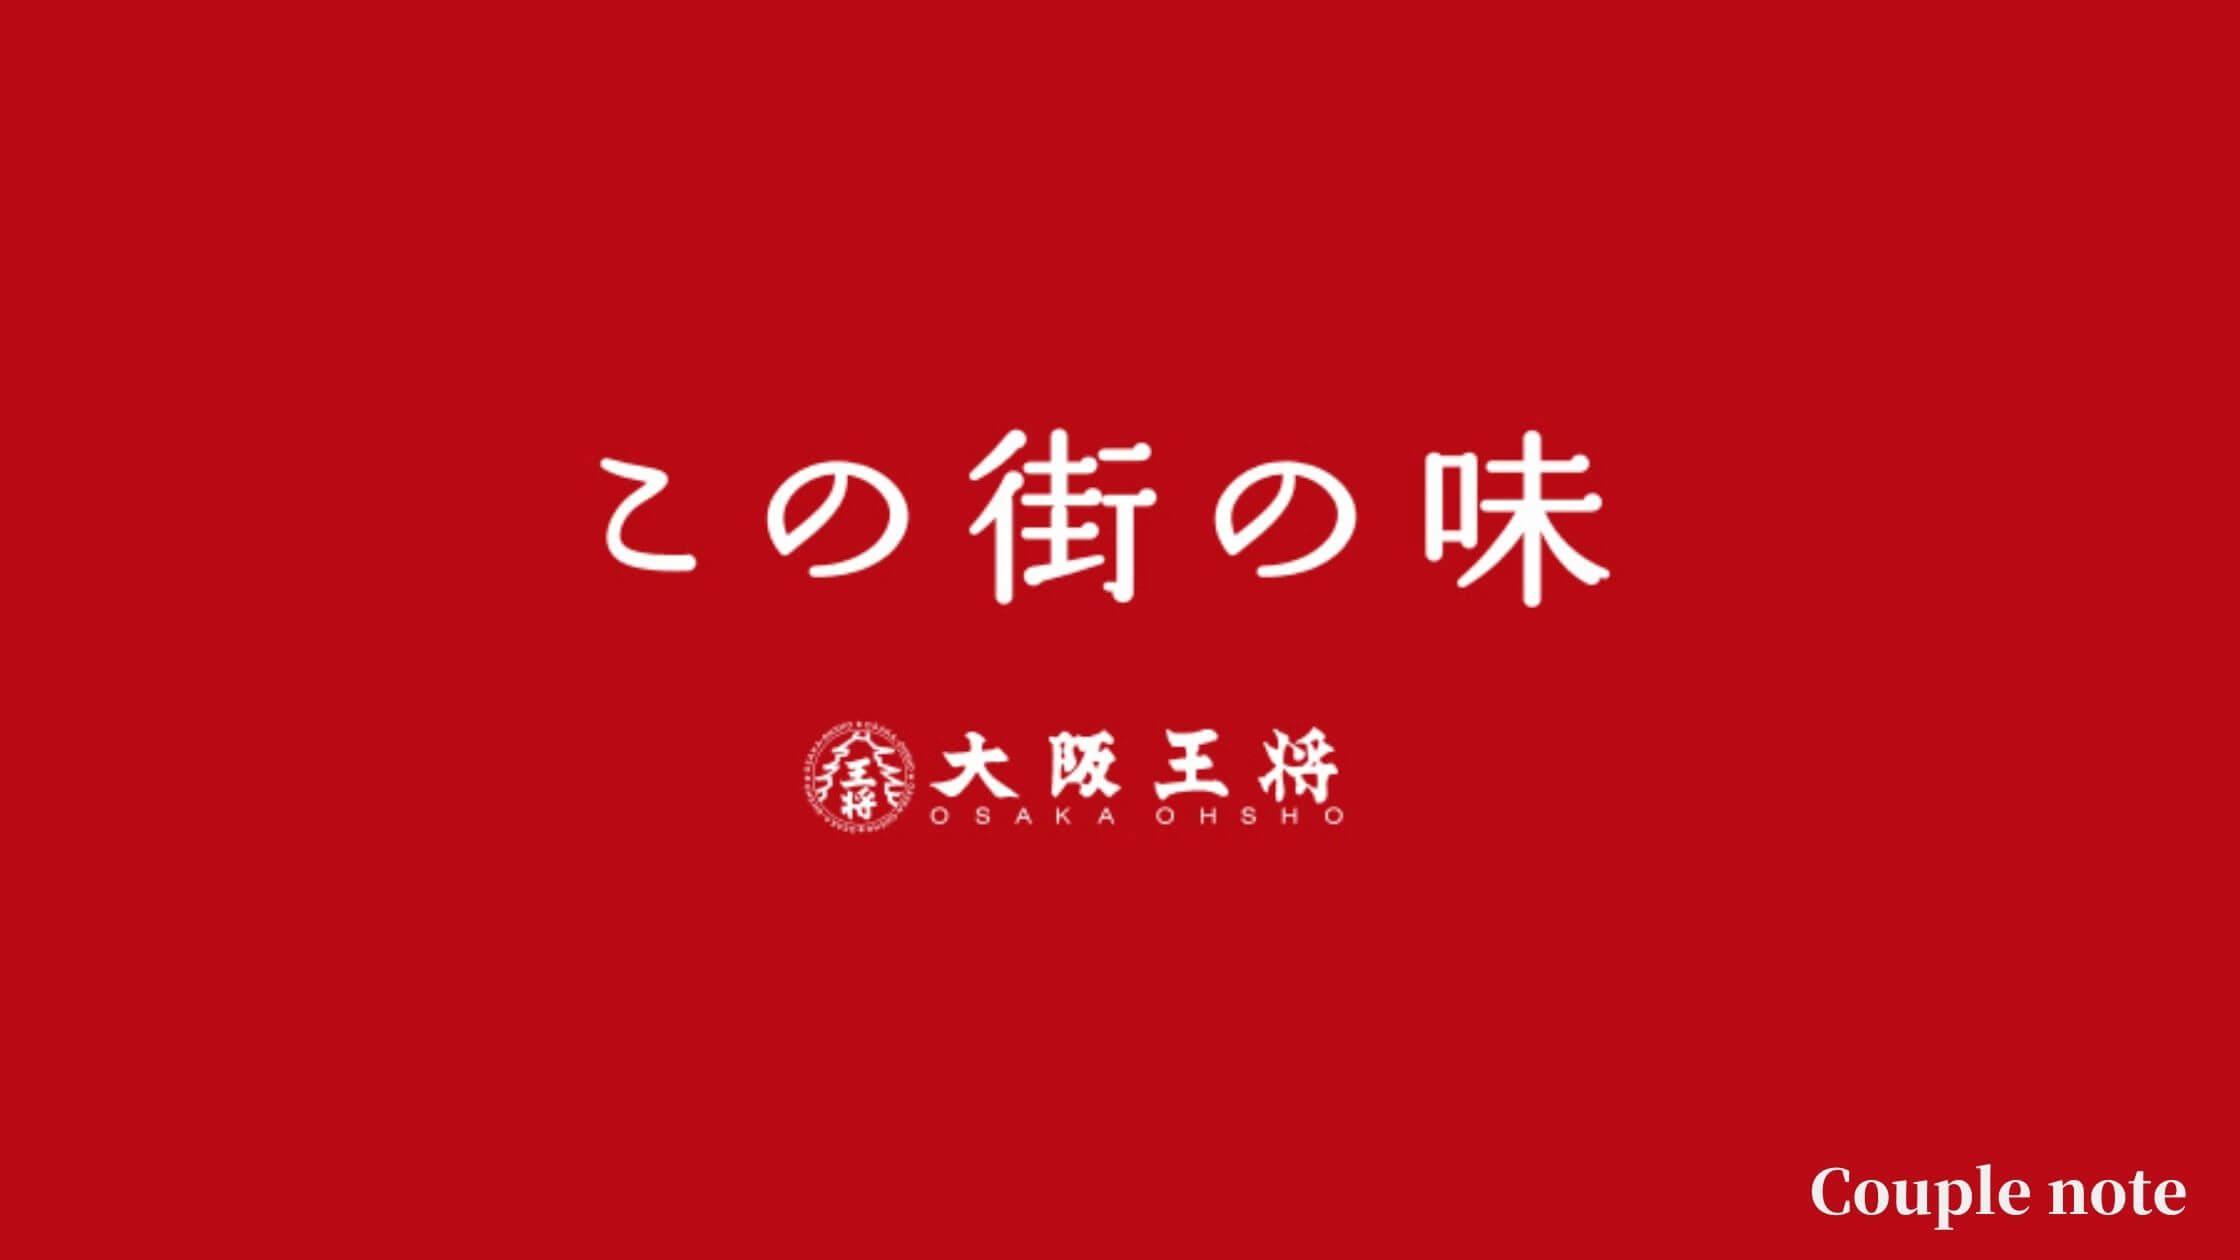 【感想】大阪王将はまずい?餃子の王将との違いは?どっちが美味しい?